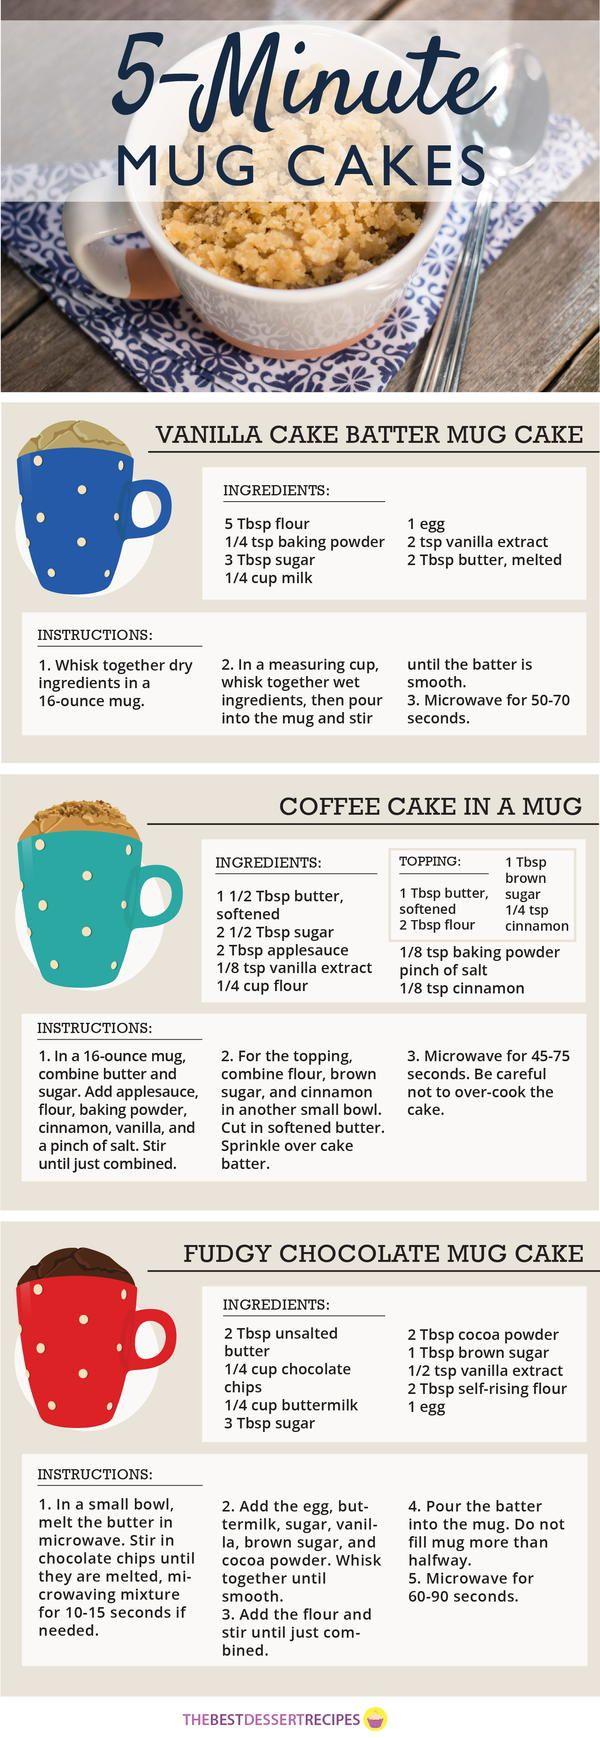 18 Quick and Easy Mug Cake Recipes